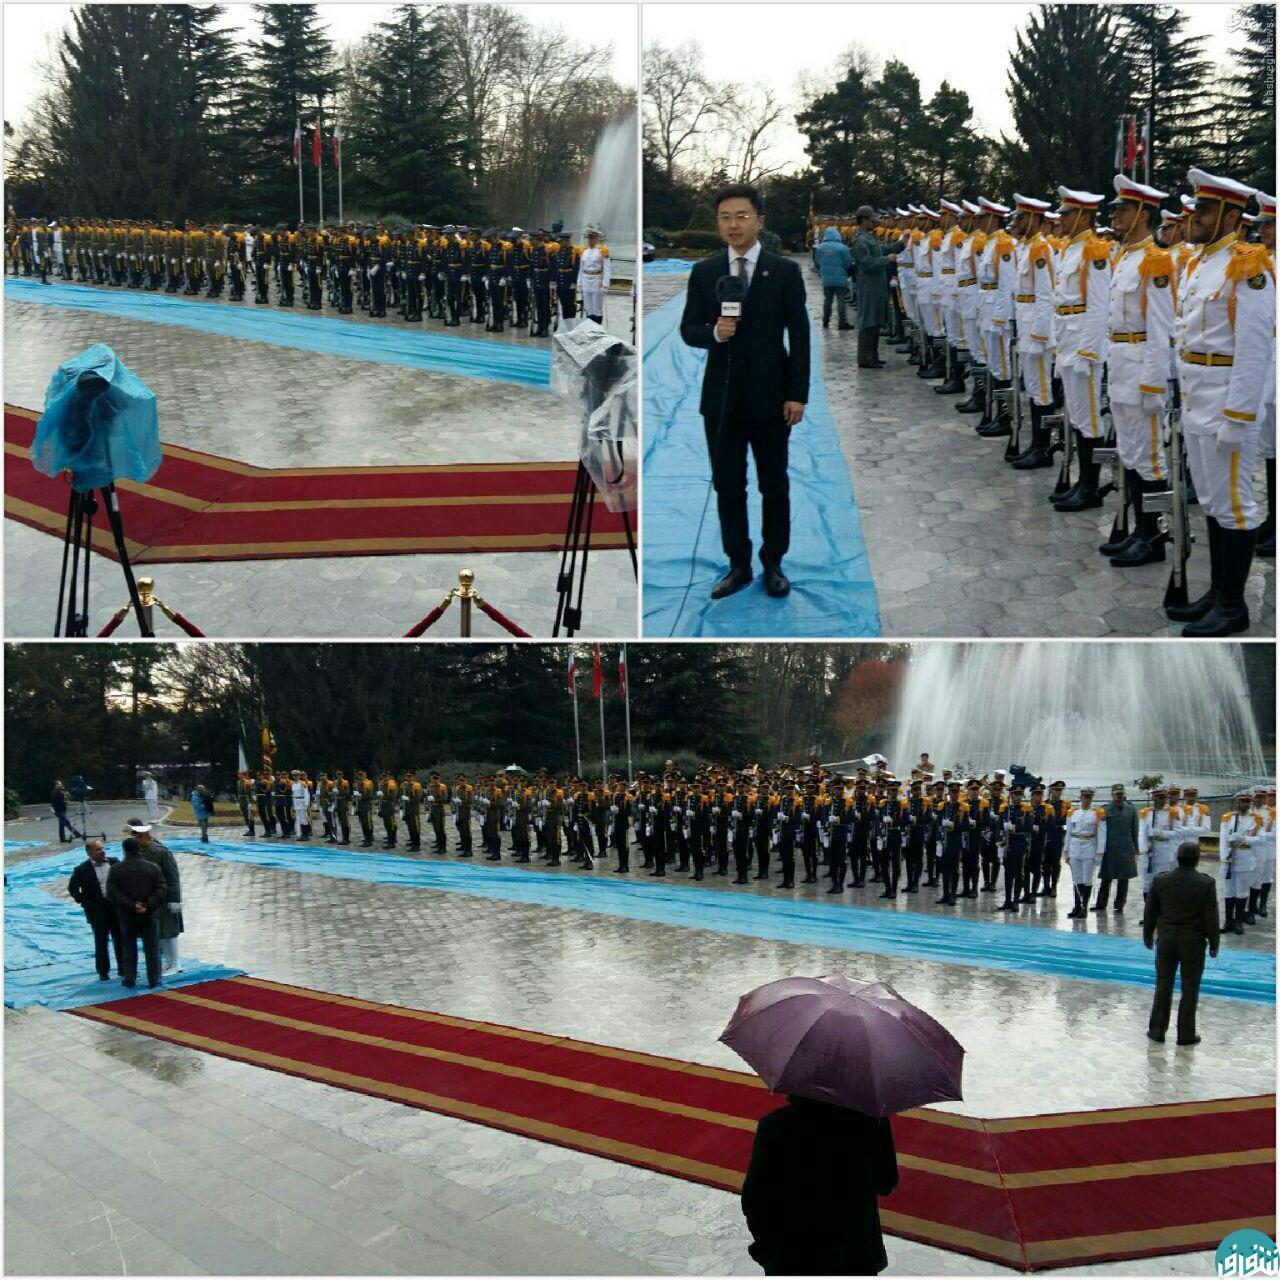 عکس/ دردسر هوای بارانی در استقبال از رئیس جمهور چین